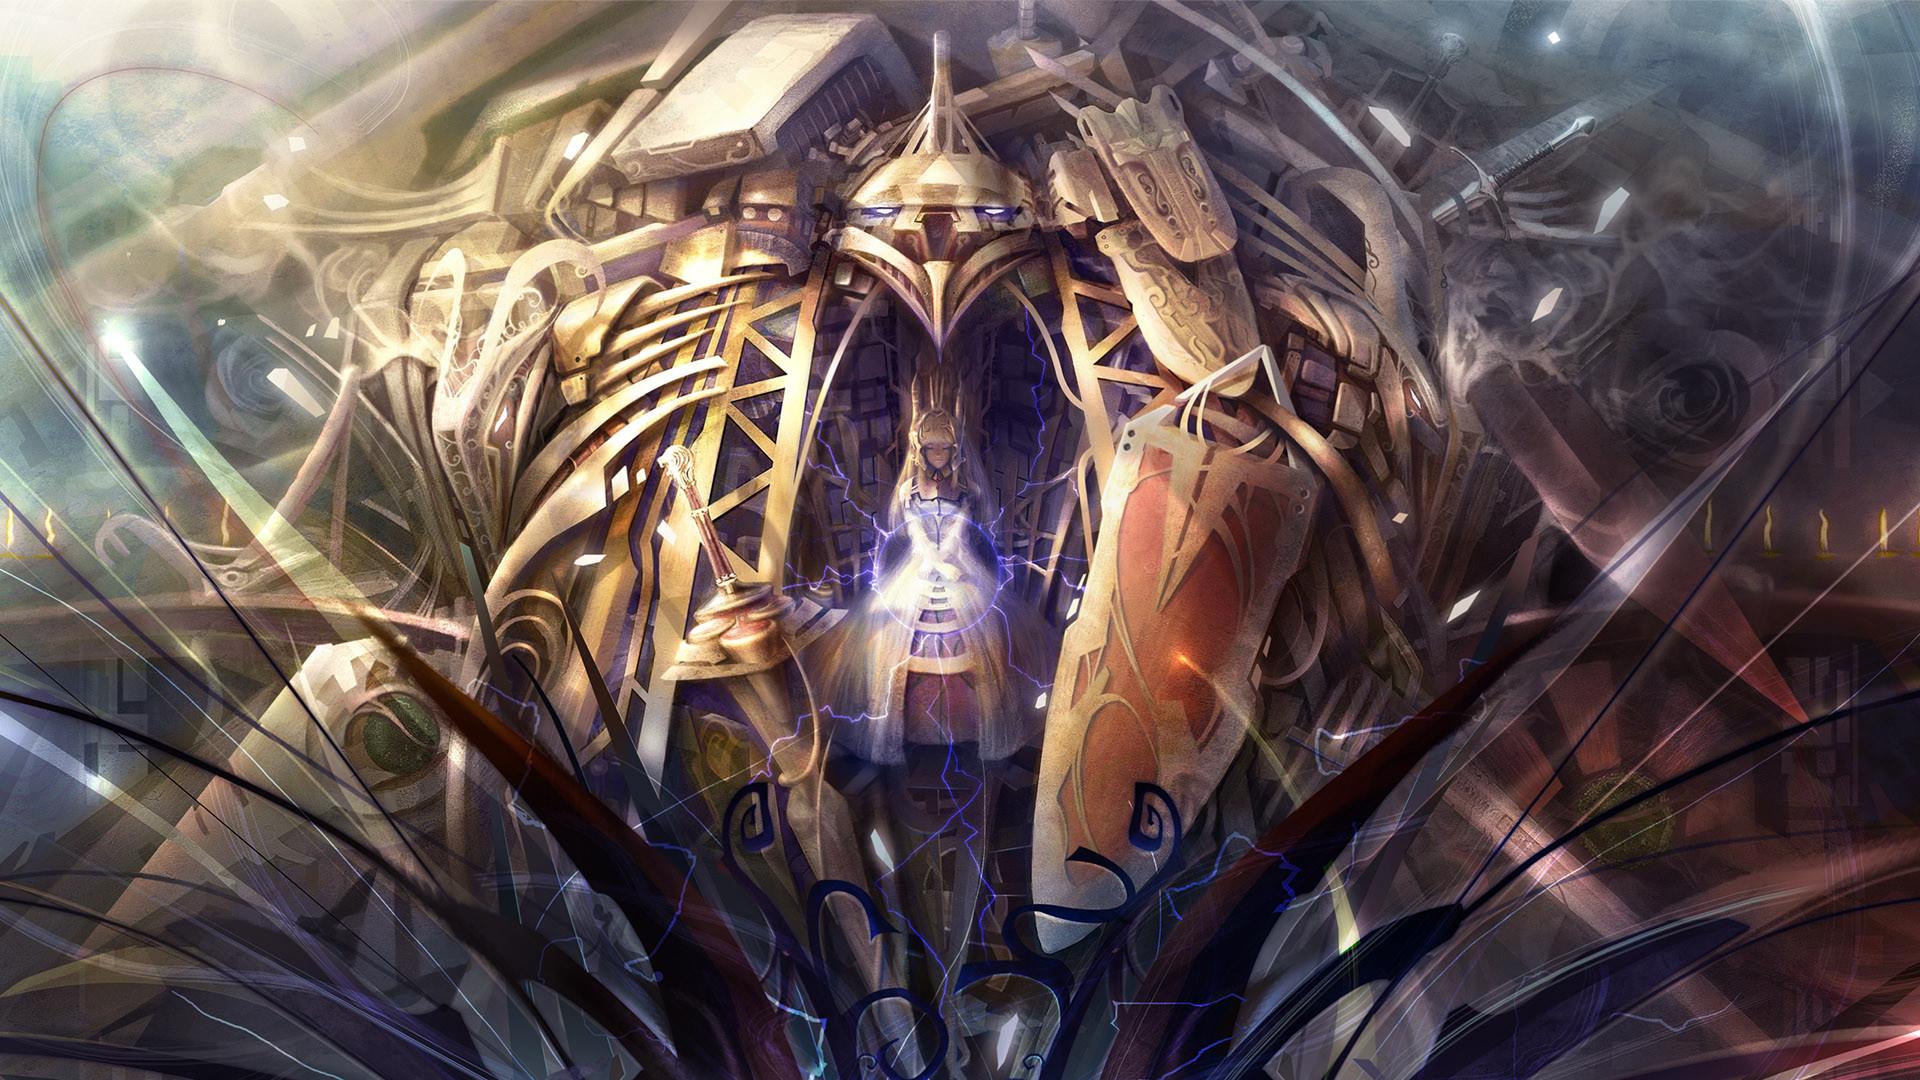 Armor Artwork Fantasy Art Mecha …